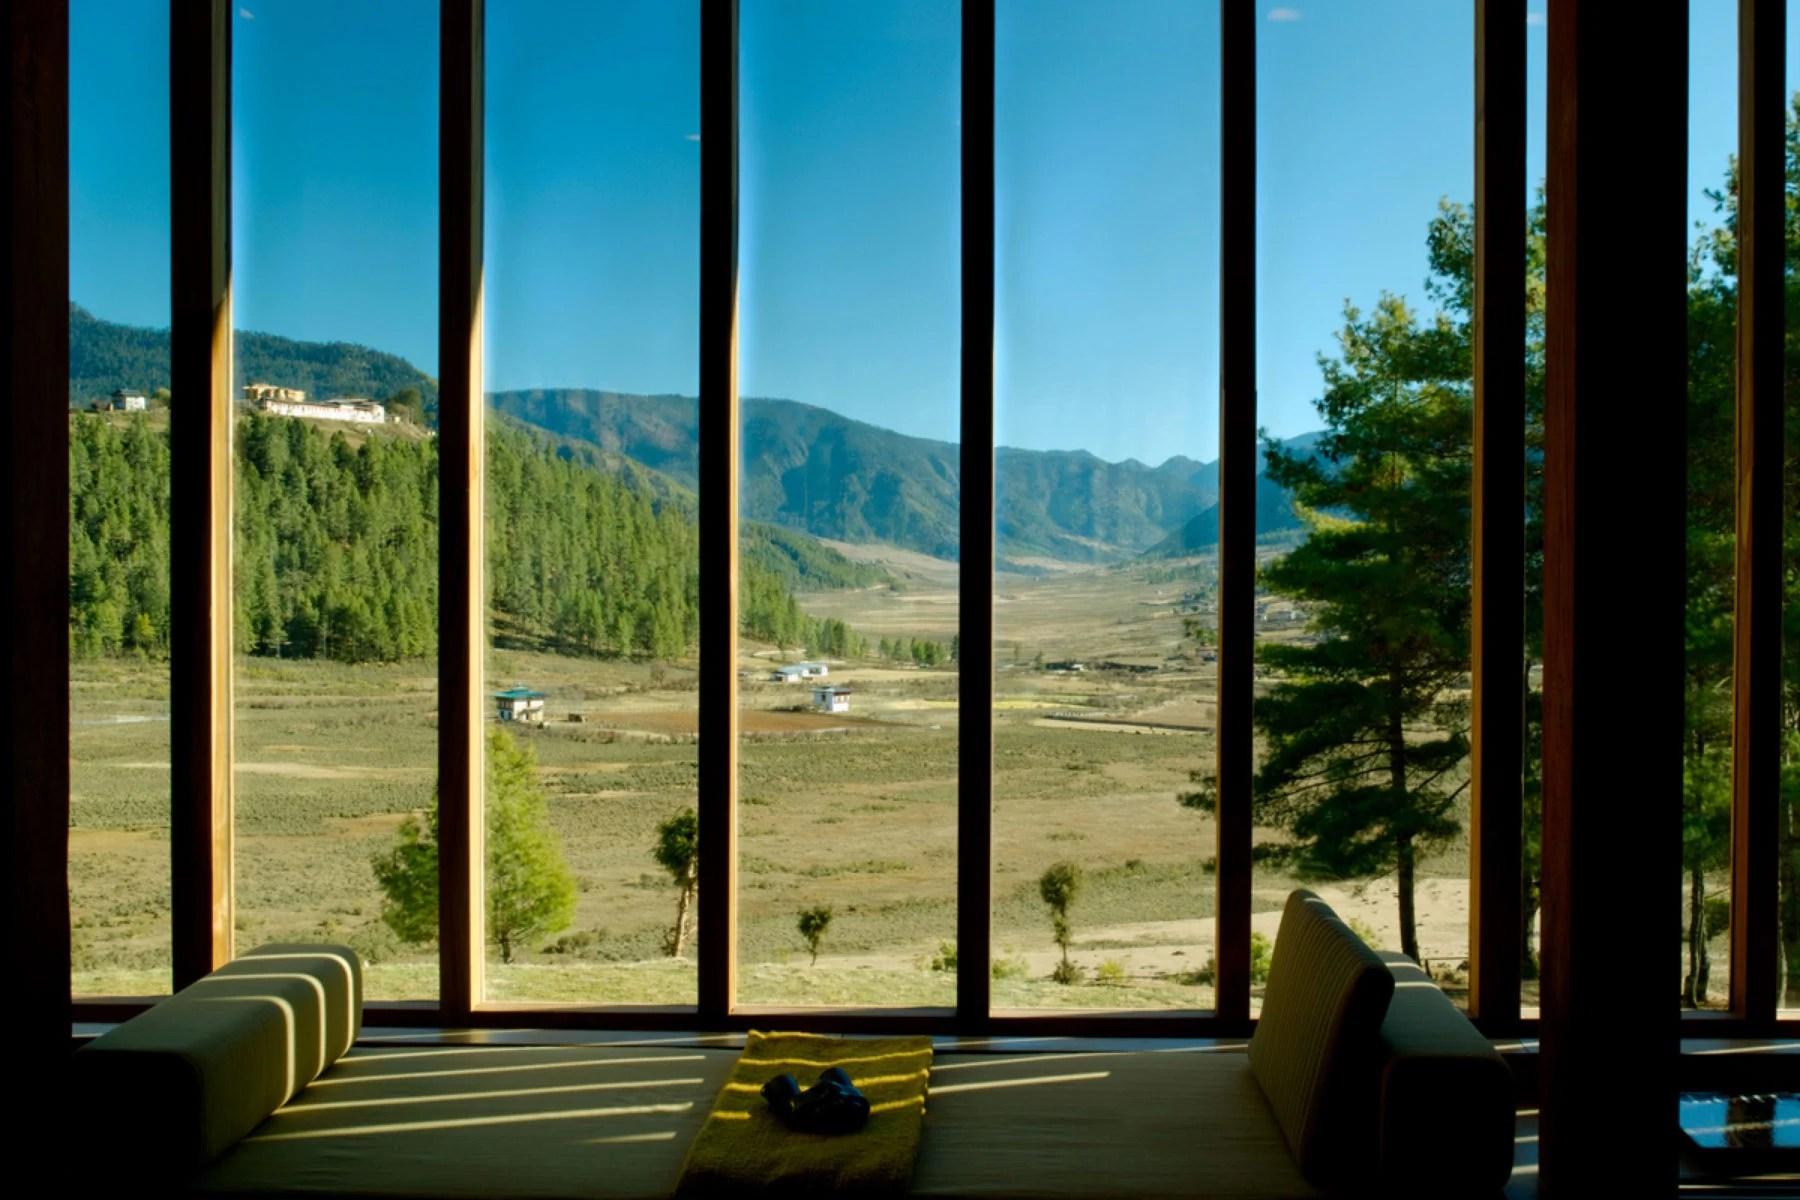 Aman Bhutan Gangtey view of the valleys